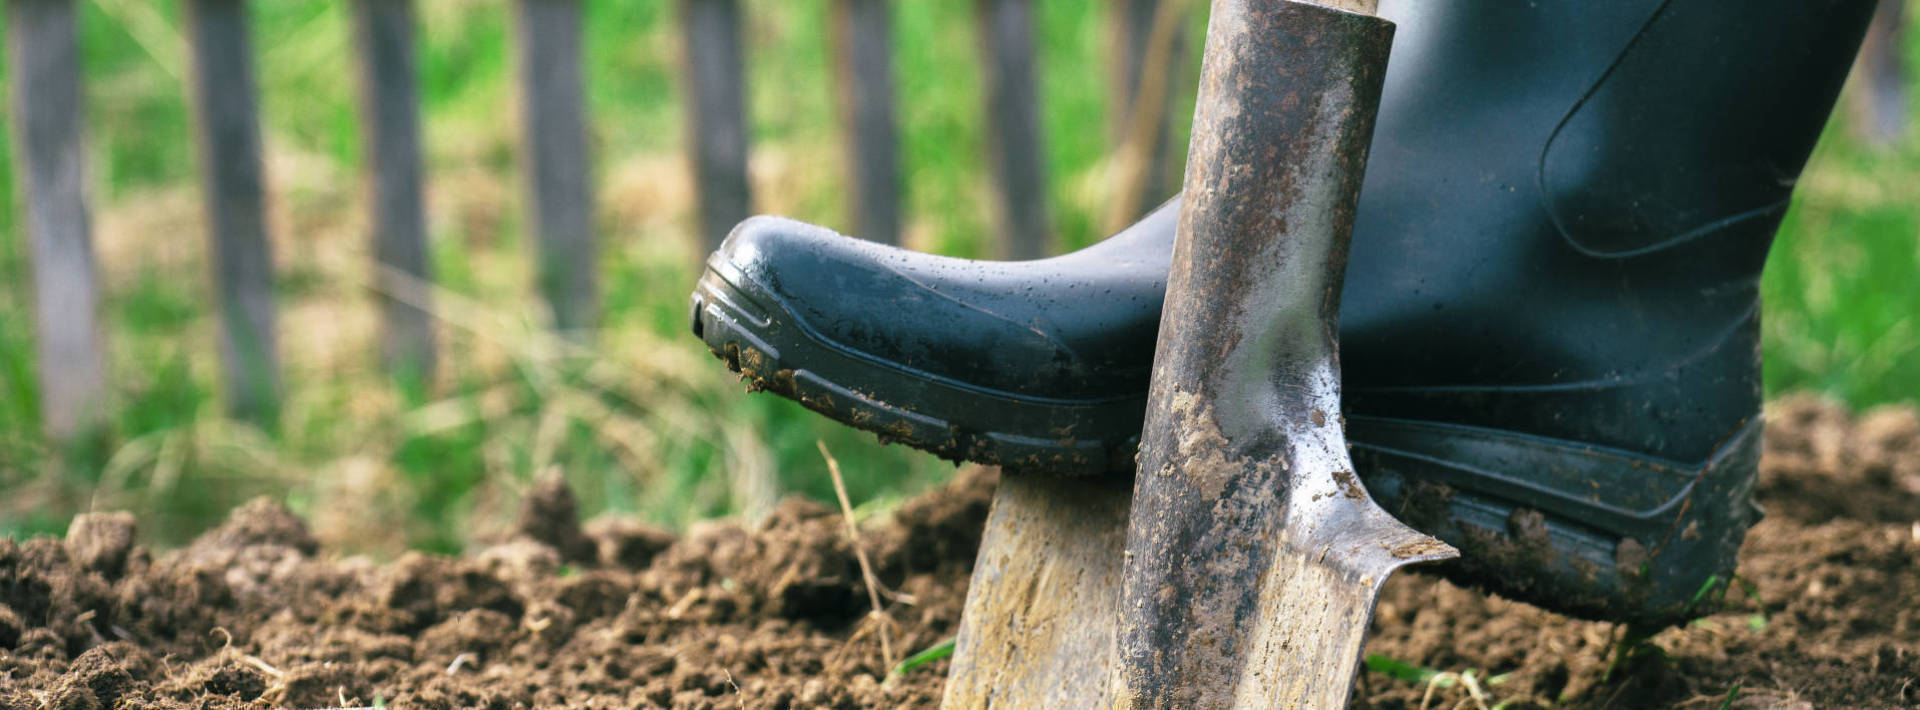 Im Einsatz für Dienstnehmer in der Land- & Forstwirtschaft